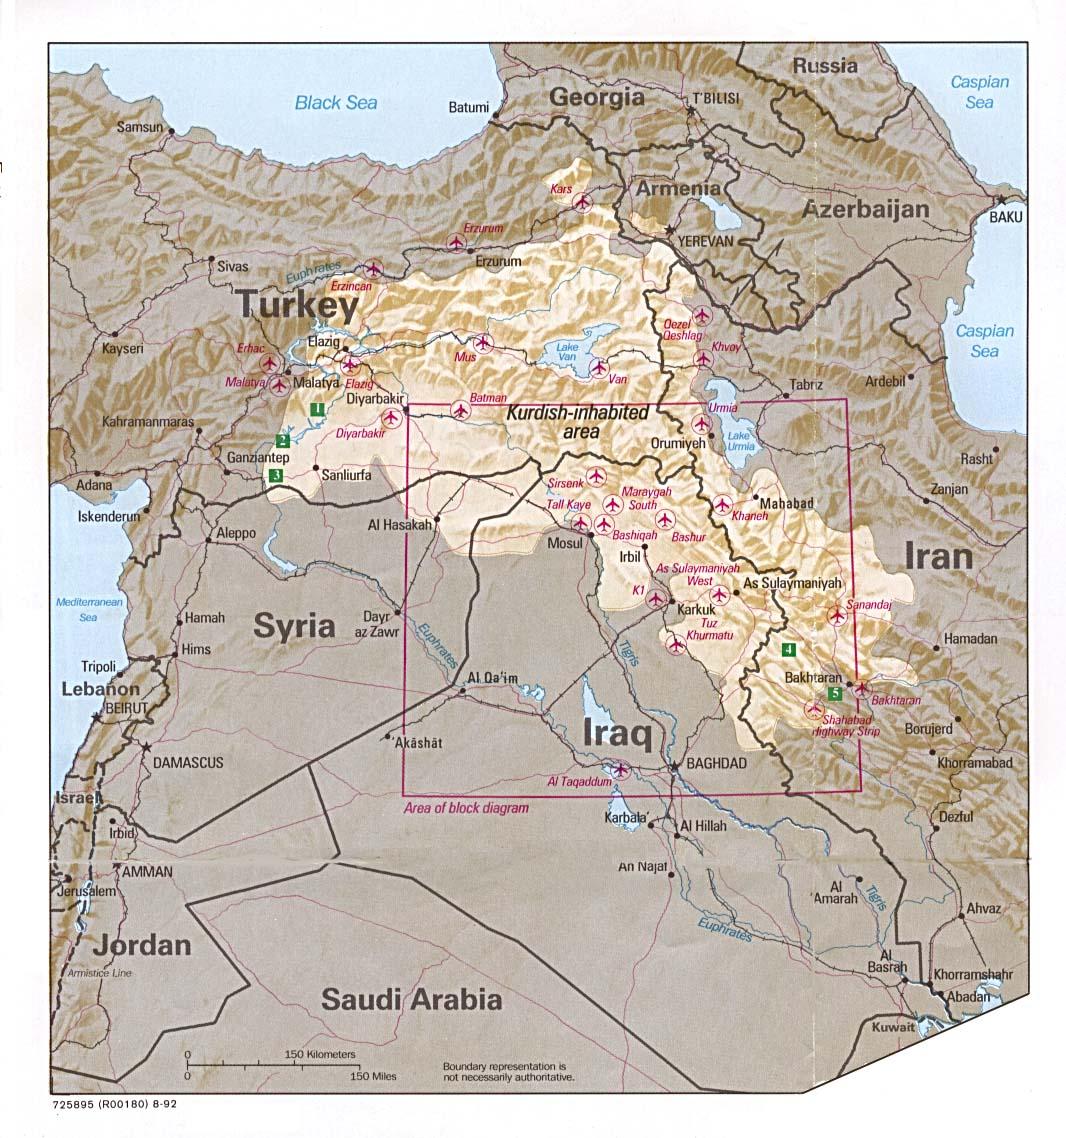 Mapa de Localización de las Tierras Kurdas